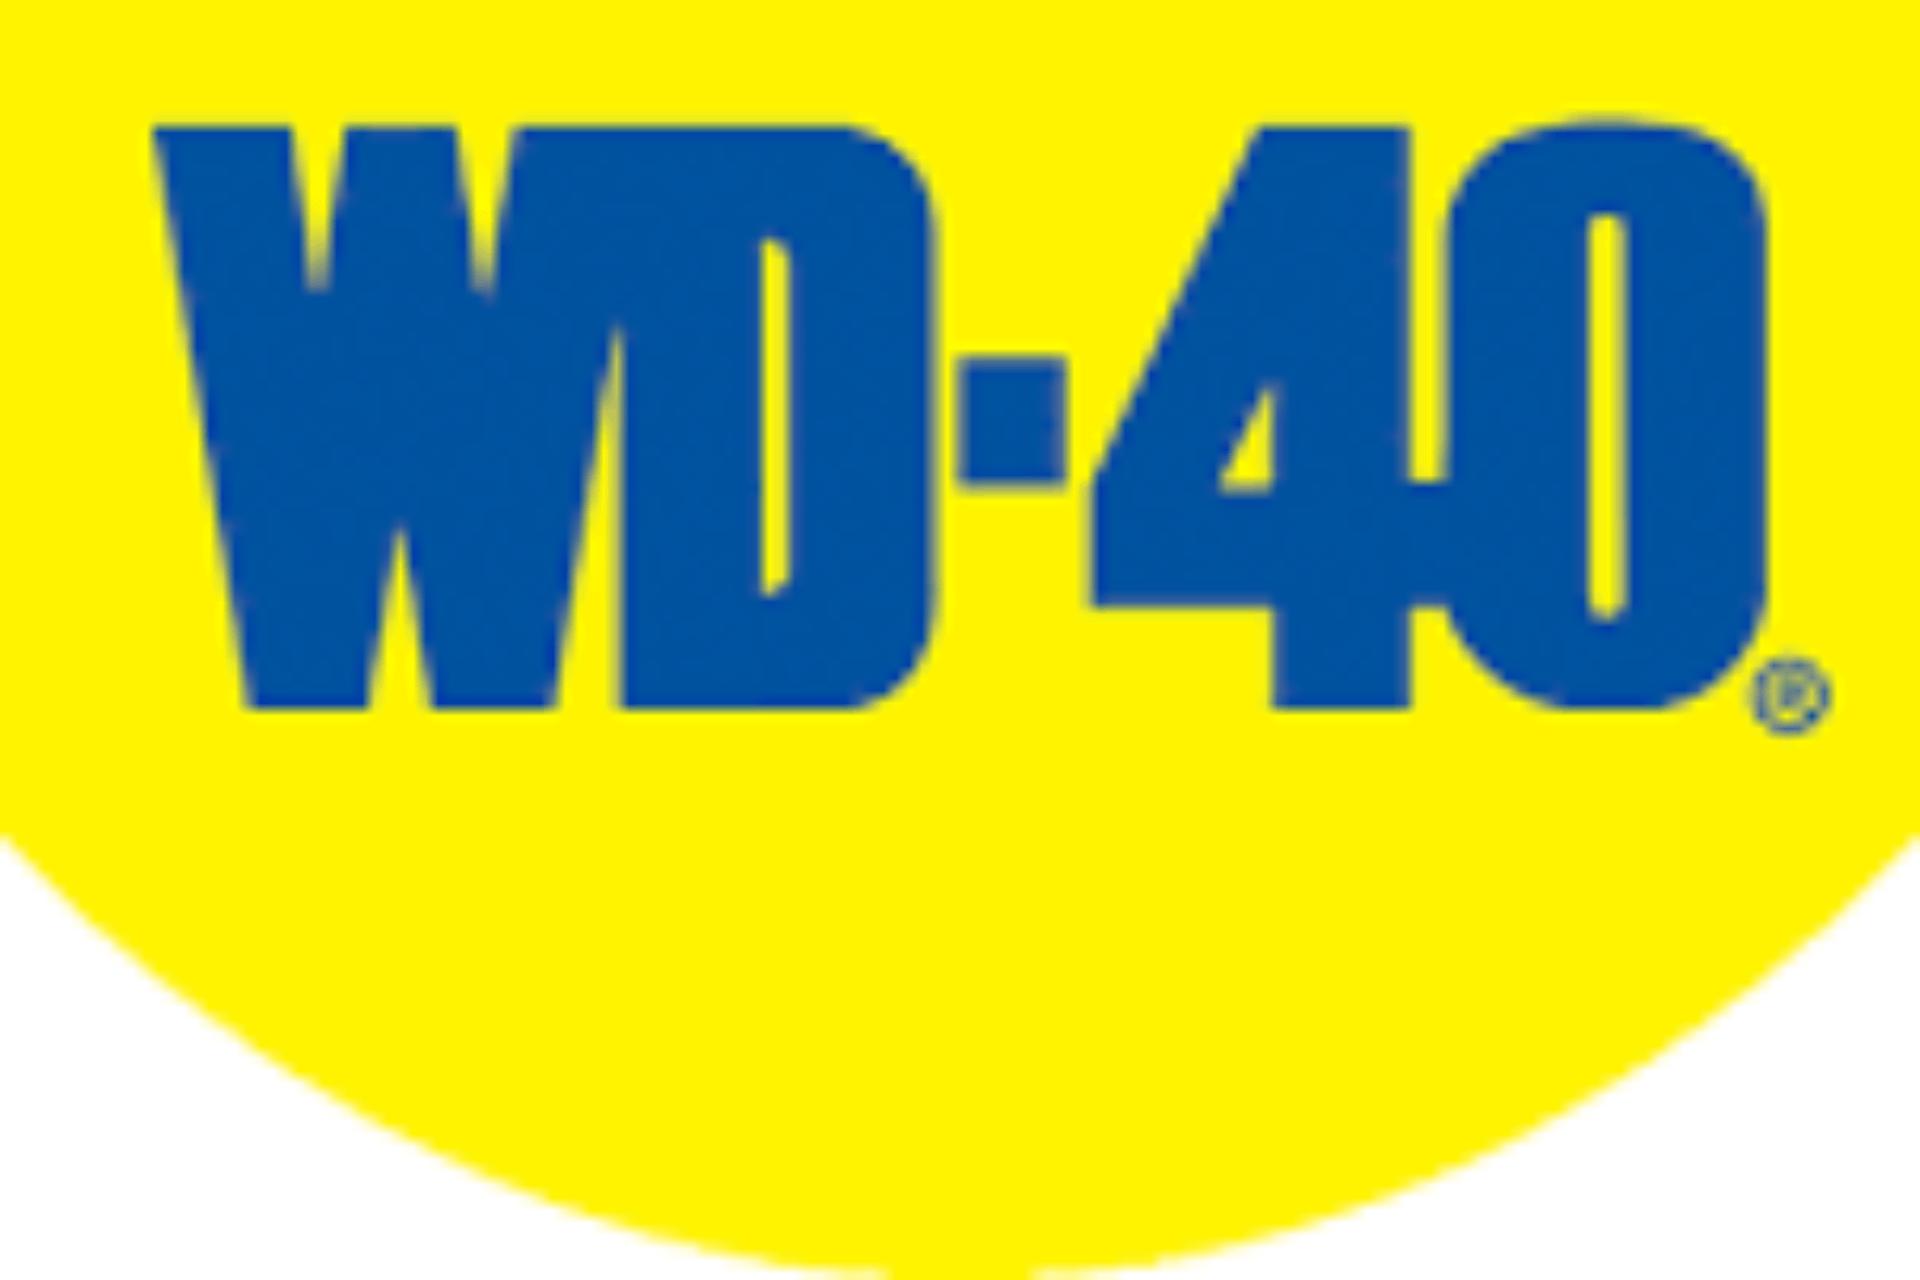 wd-40 w biurze